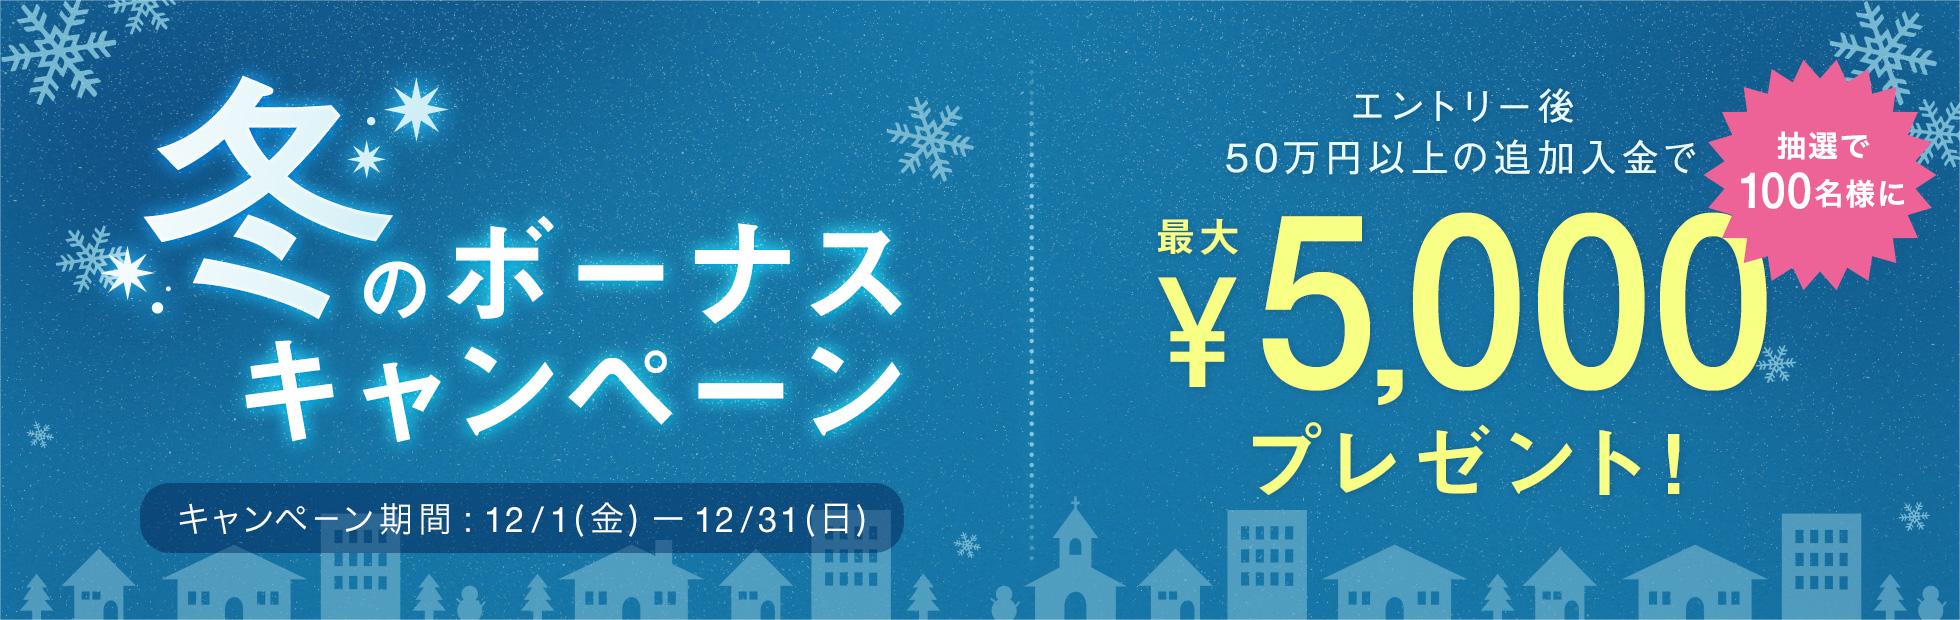 冬のボーナスキャンペーン